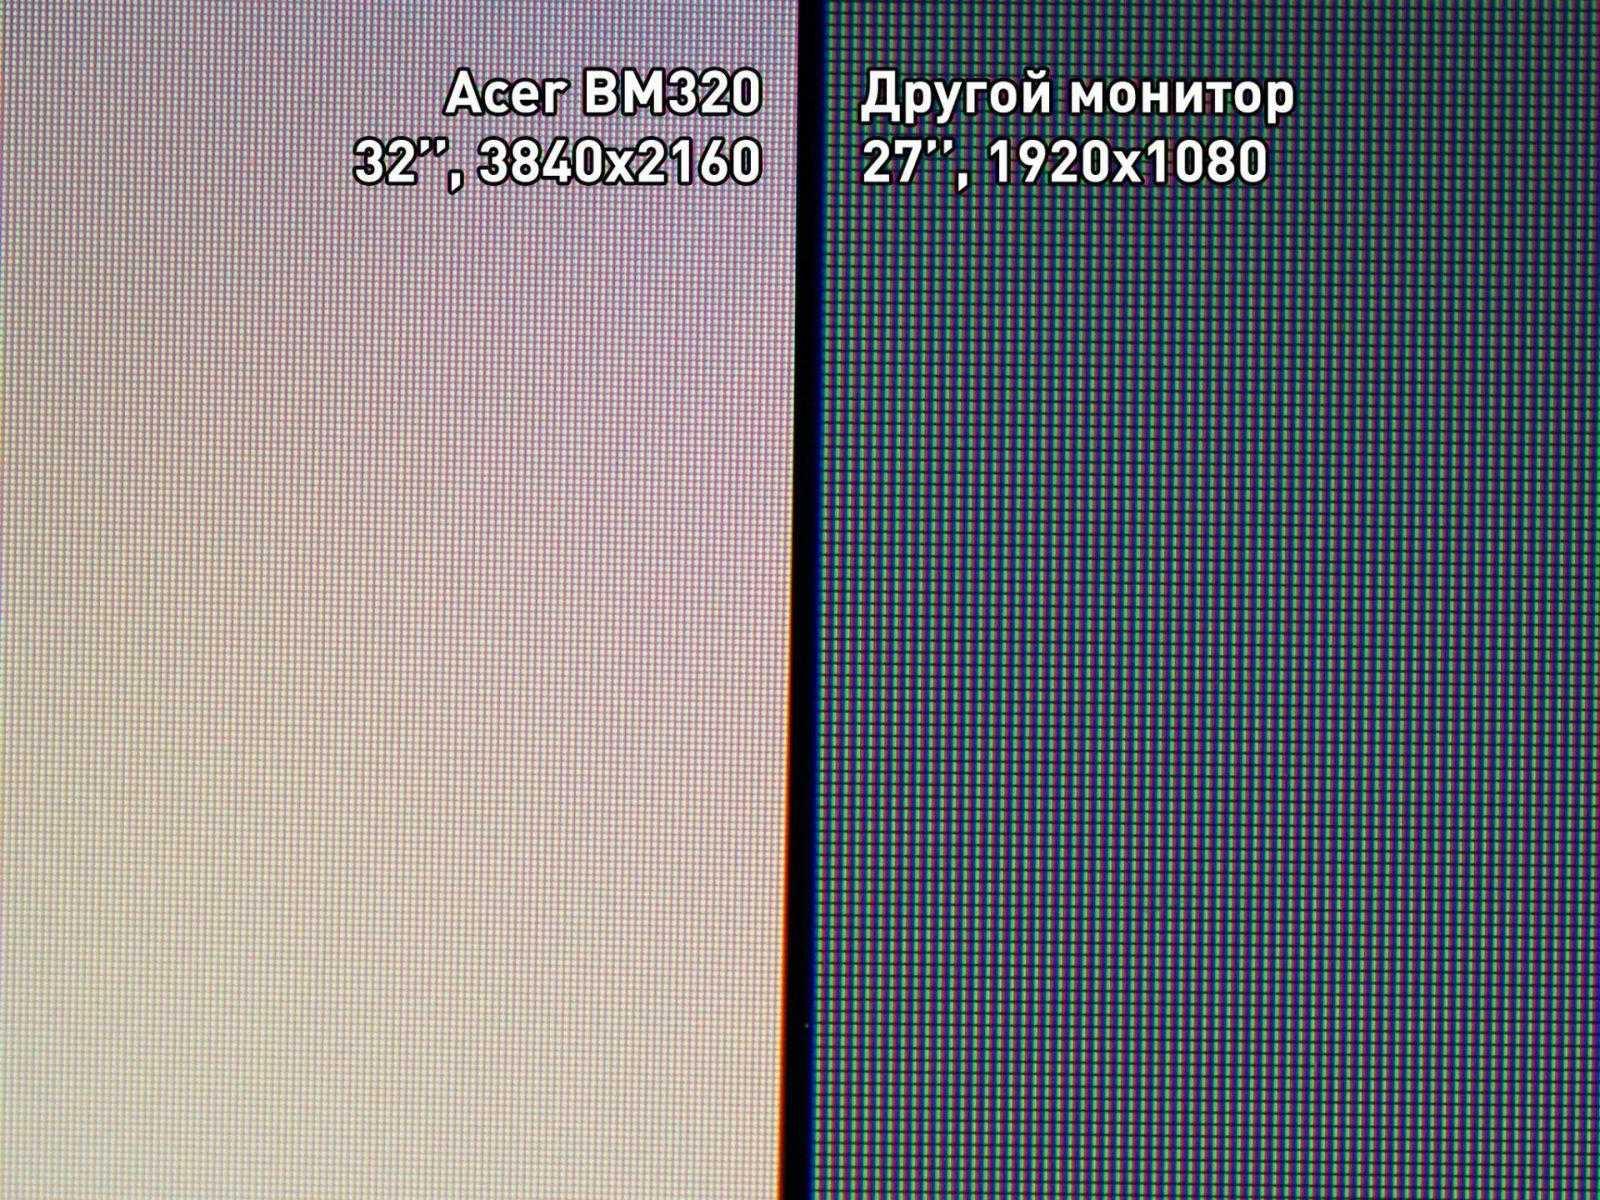 Обзор монитора Acer ProDesigner BM320 (acer 320YaM26)